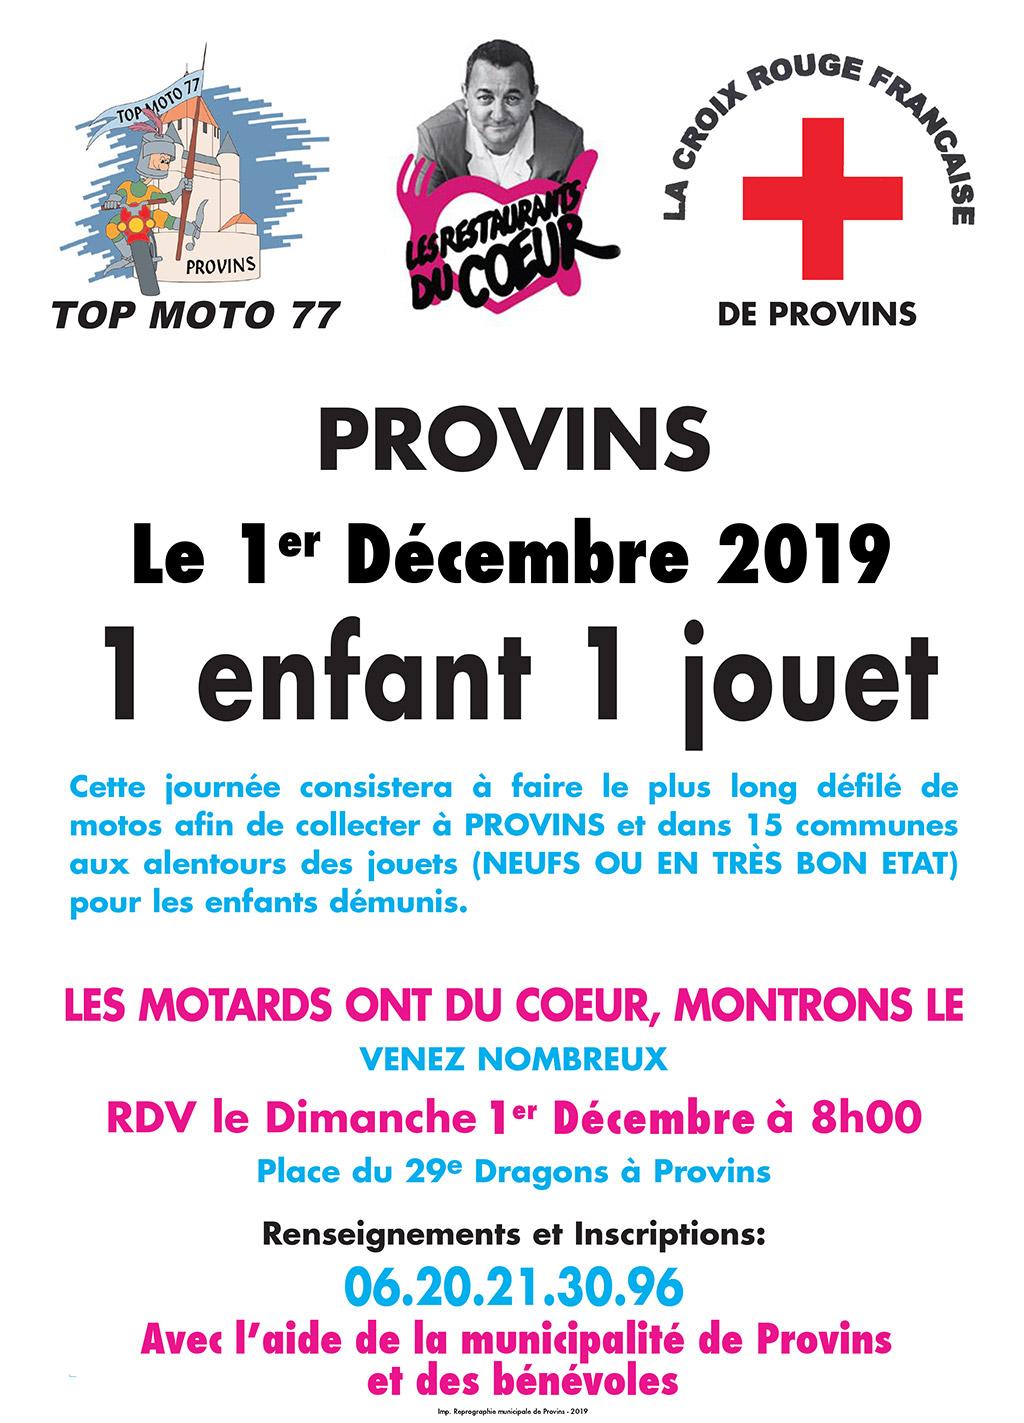 Provins – 1enfant 1 jouet